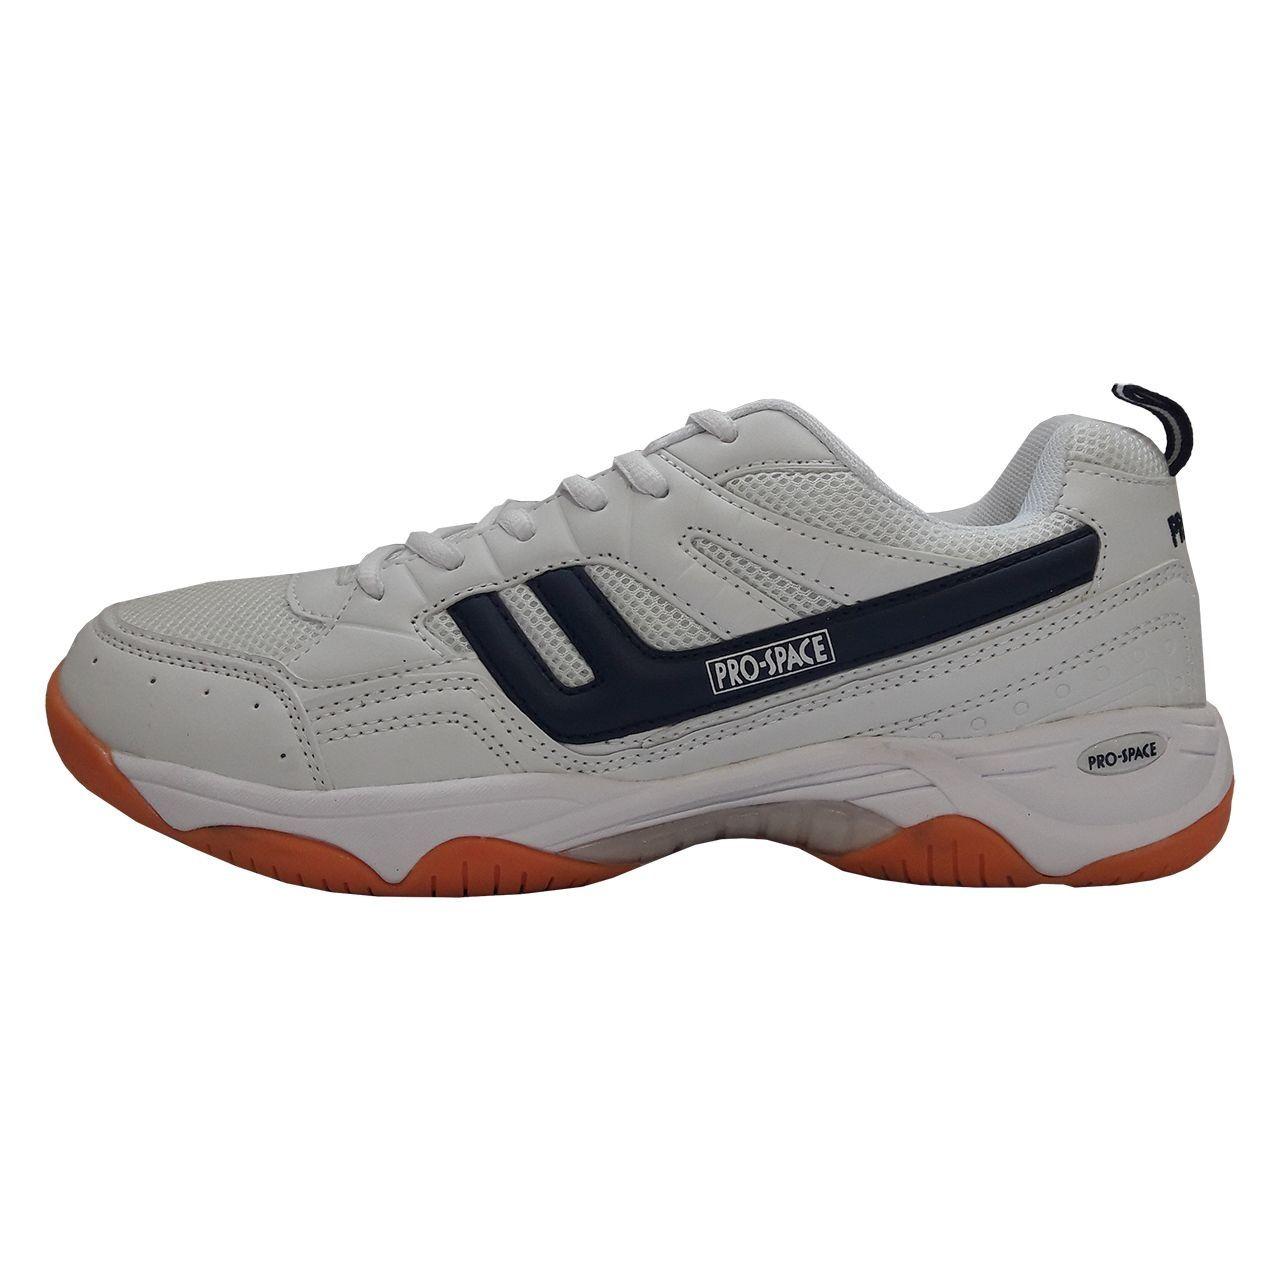 کفش ورزشی مردانه پرو اسپیس مدل Pro-space F main 1 1